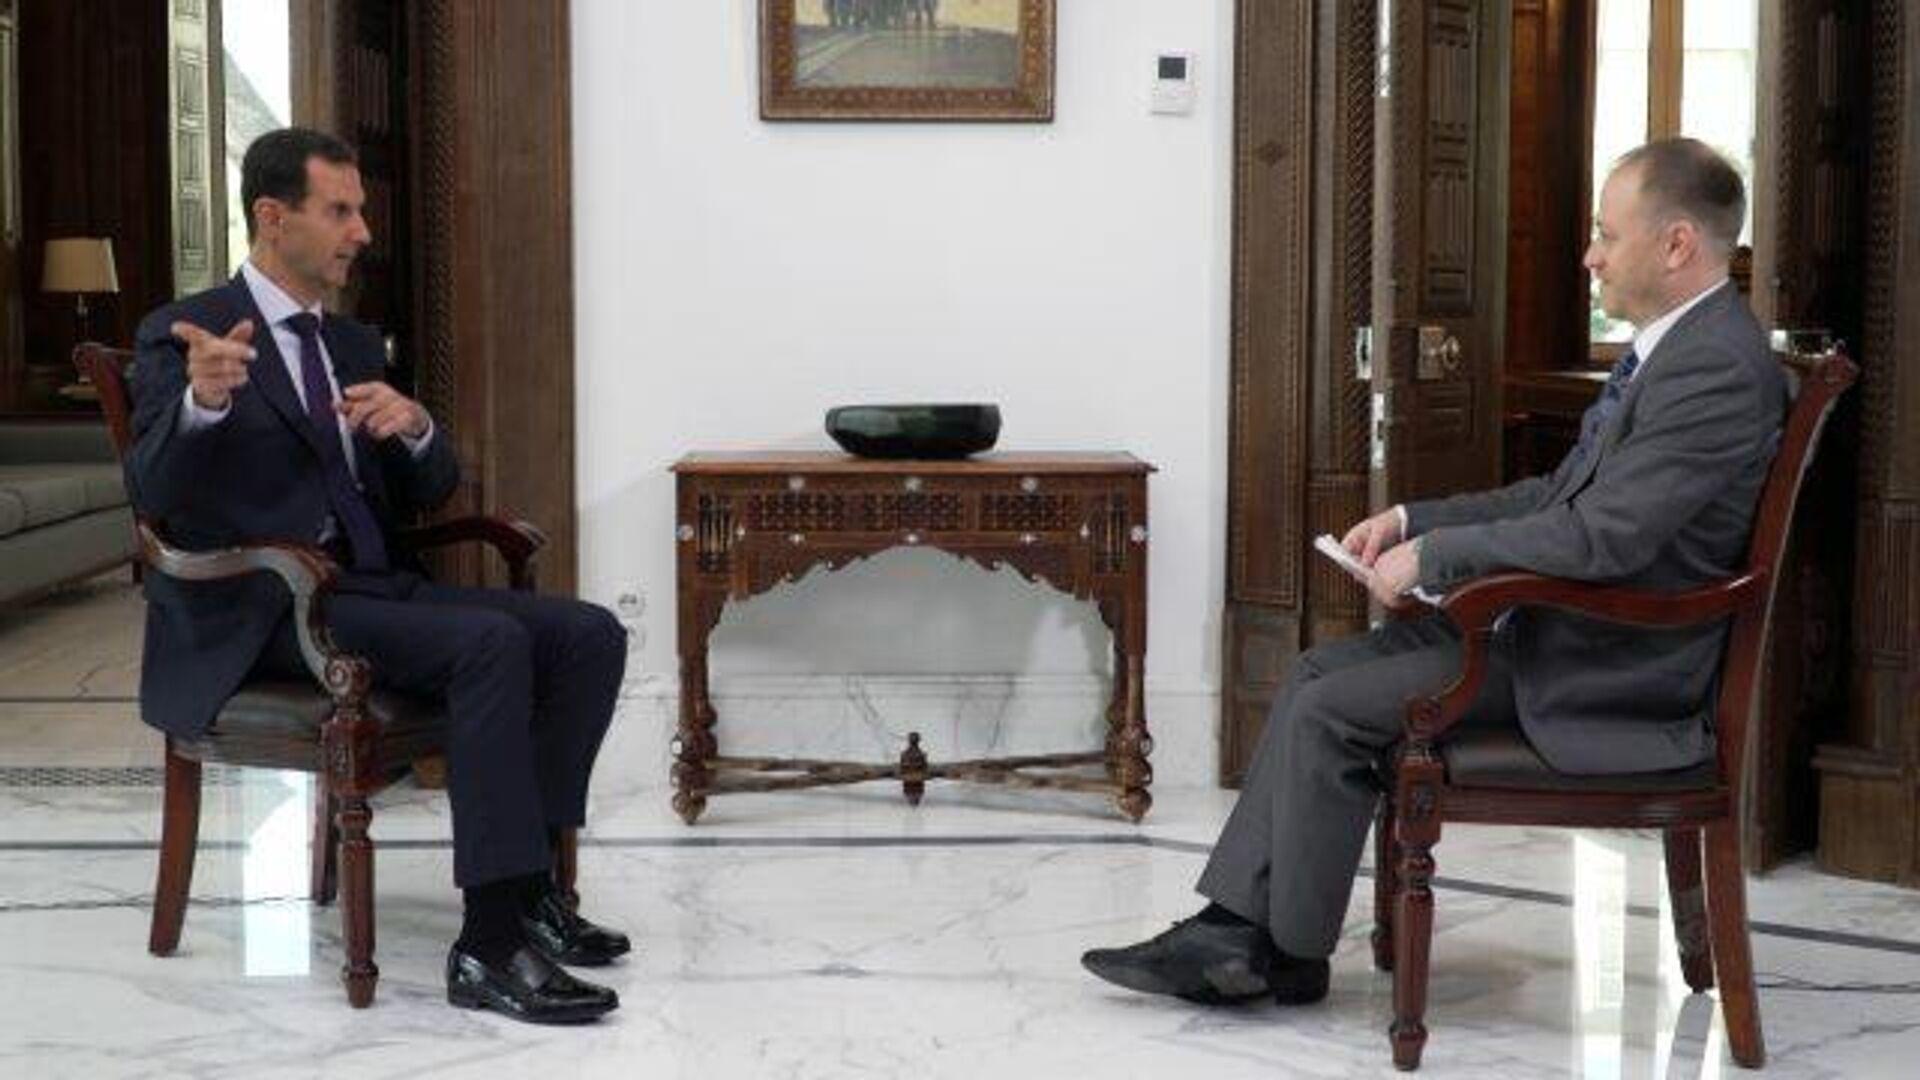 Минск готов помочь Сирии в восстановлении, заявил Лукашенко